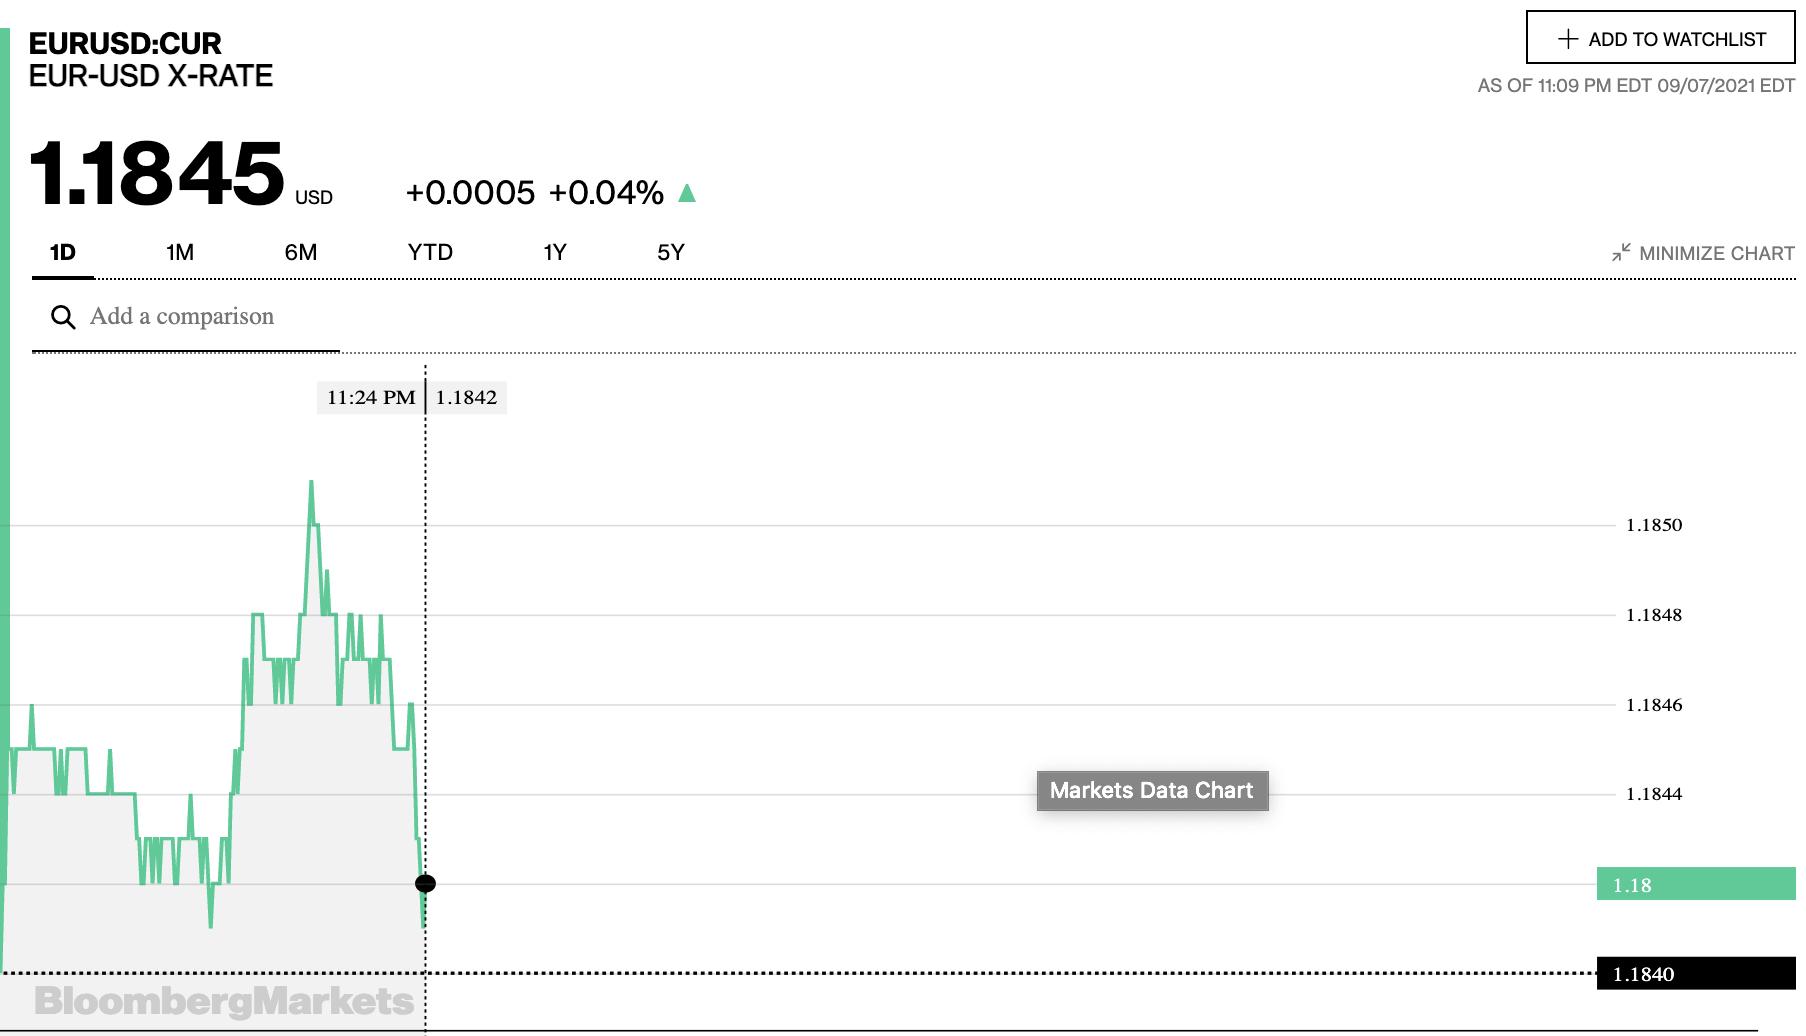 Tỷ giá euro hôm nay 8/9: Đồng loạt giảm tại các ngân hàng trong nước - Ảnh 2.